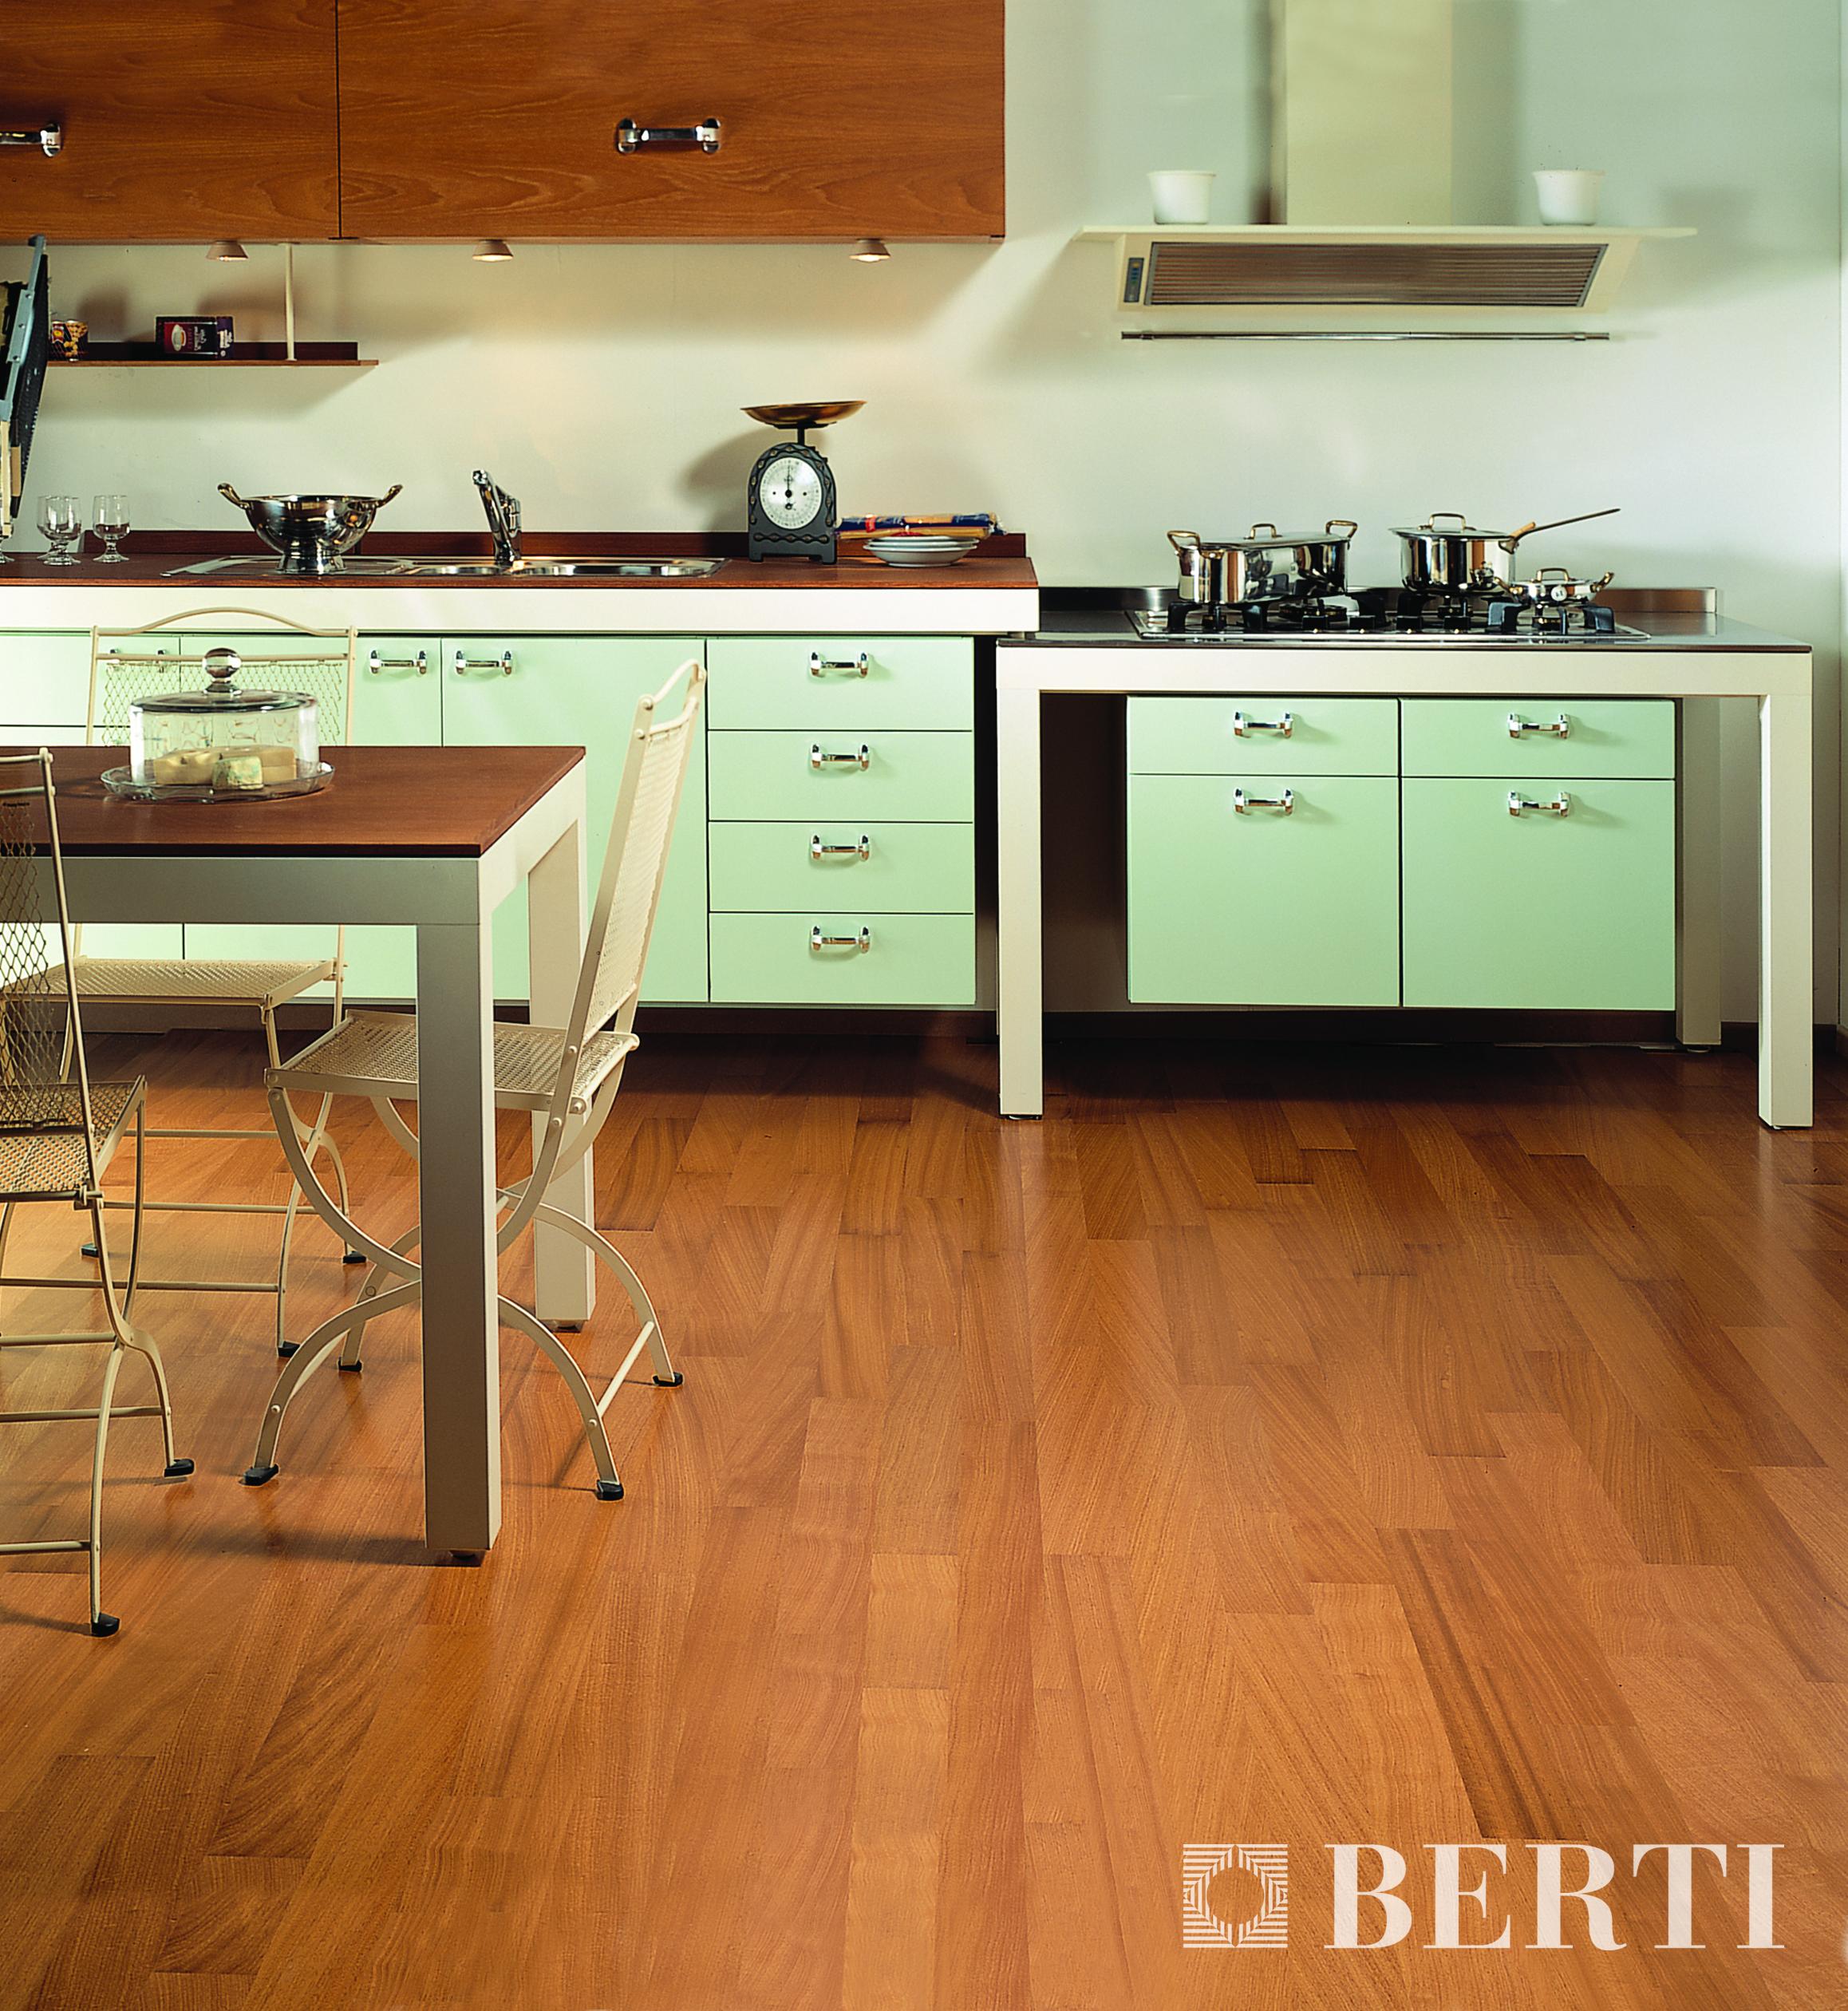 Berti parquet prefinito multistrato in cucina